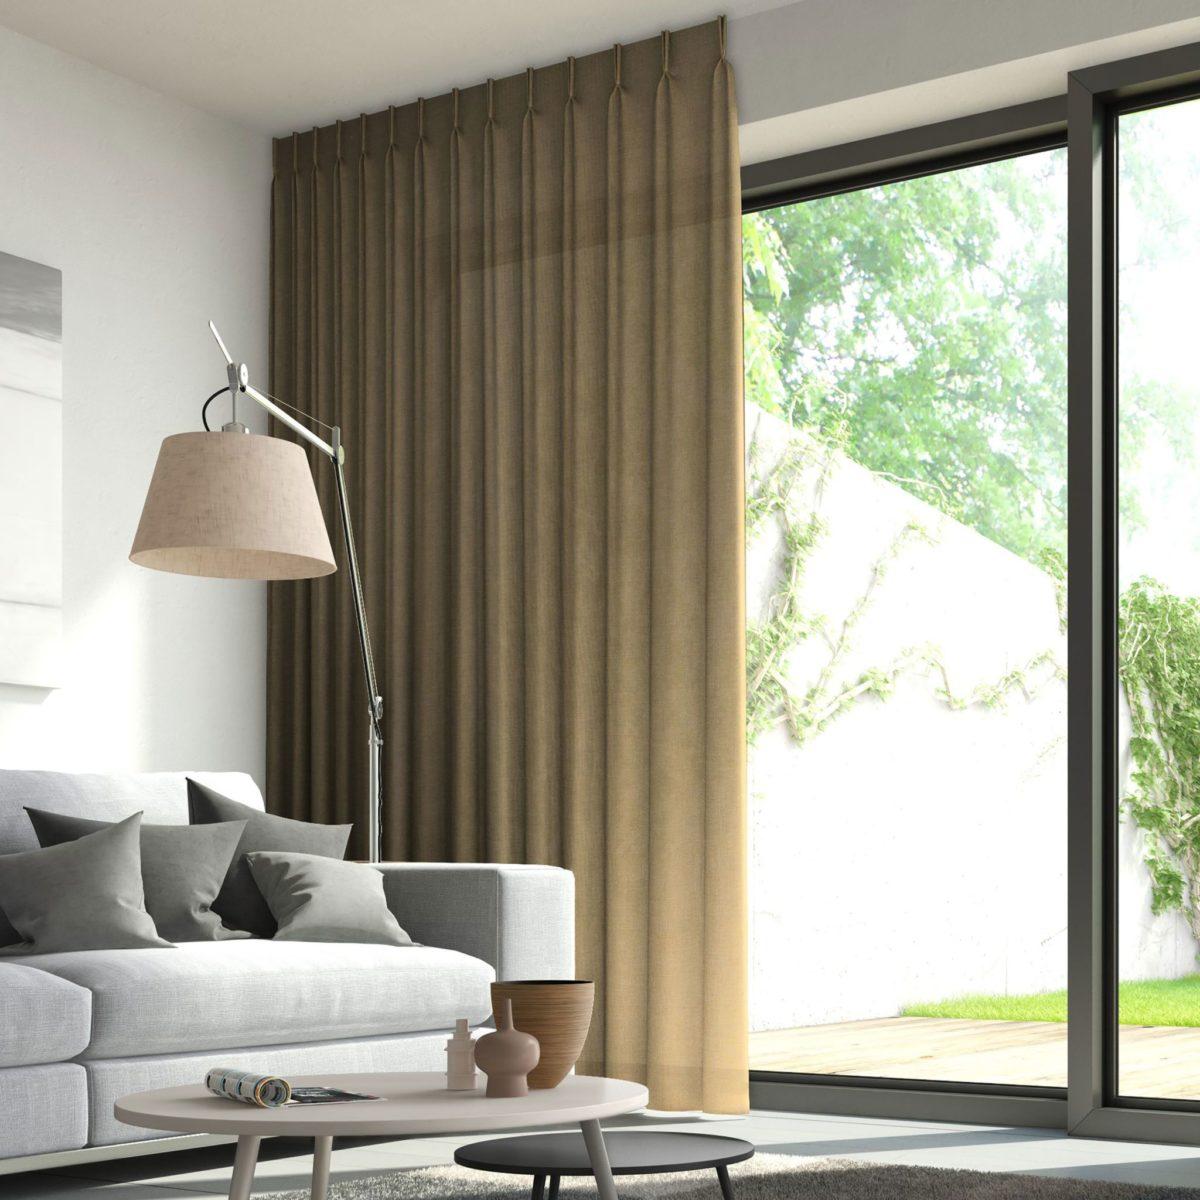 Ploeg gordijnen in between vitrage stoffen collectie 0104280069 loom 69 001 room